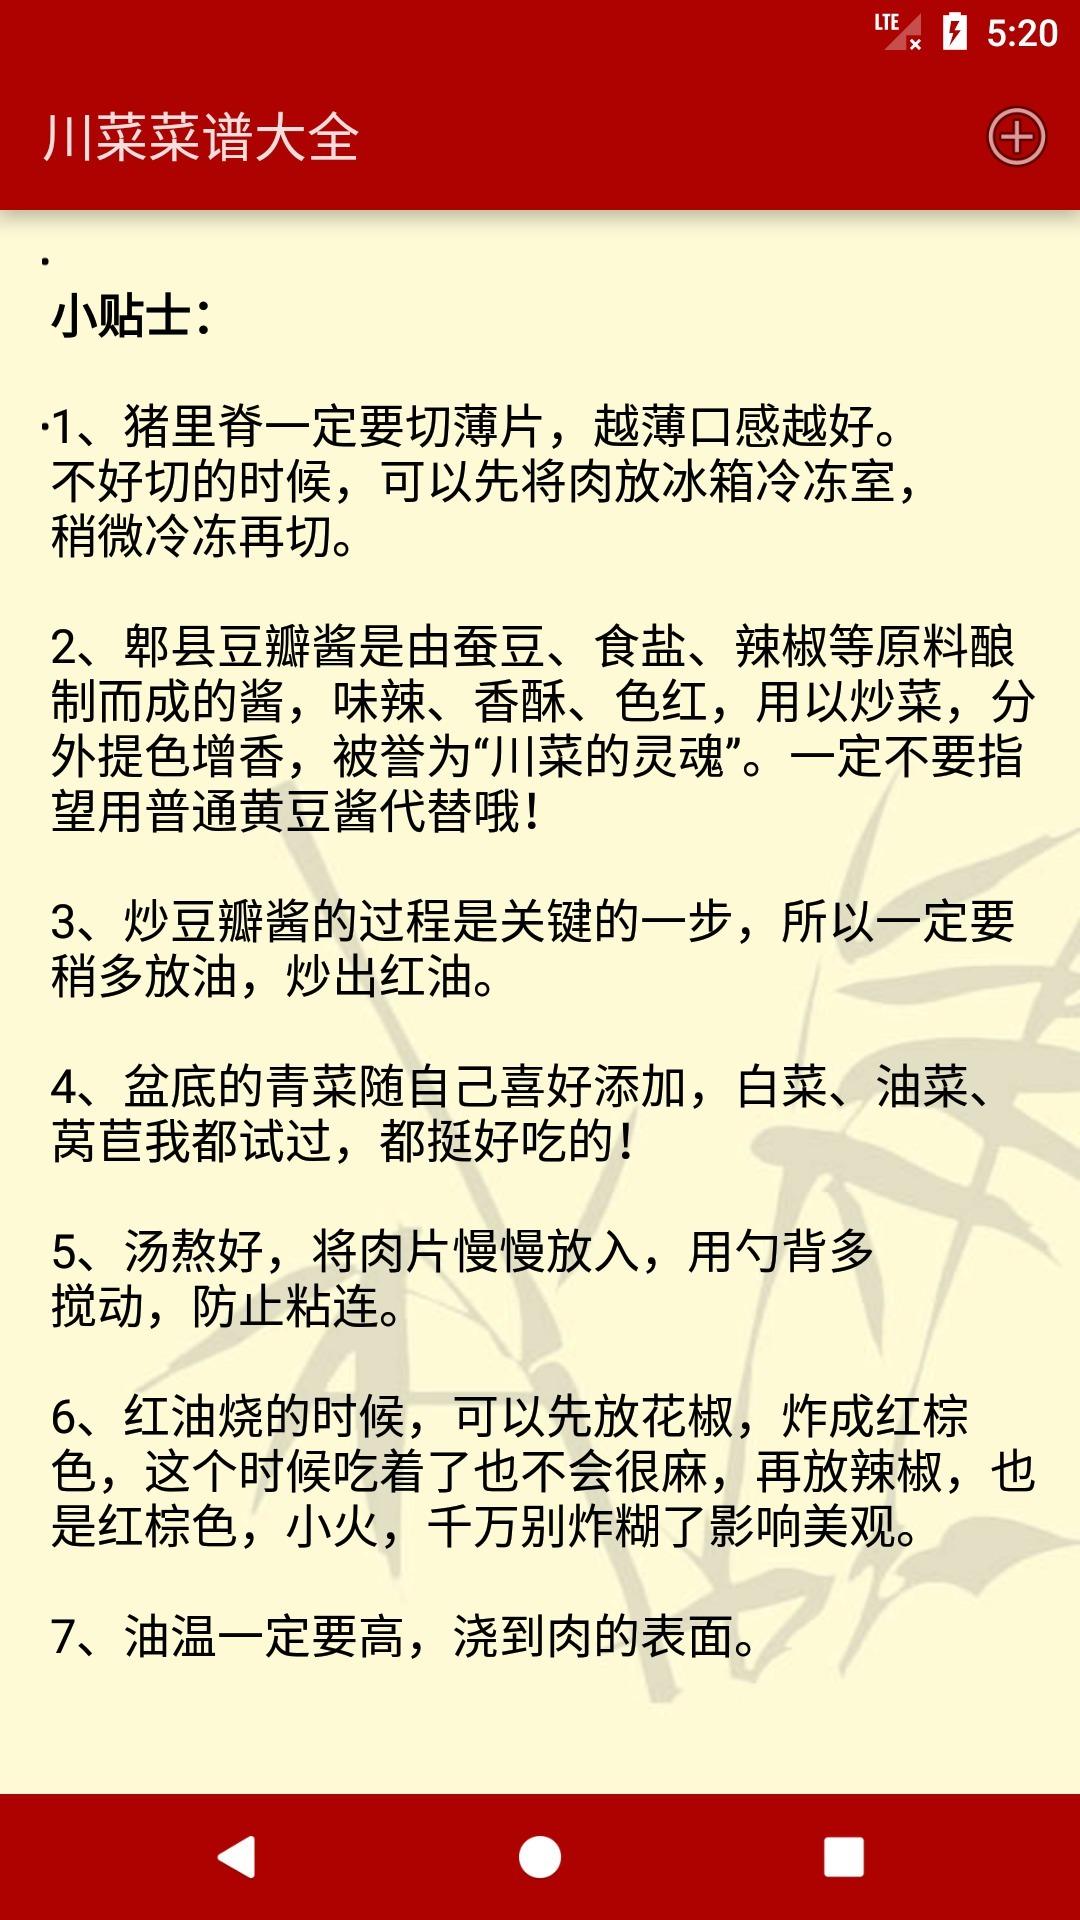 川菜菜谱大全软件截图4